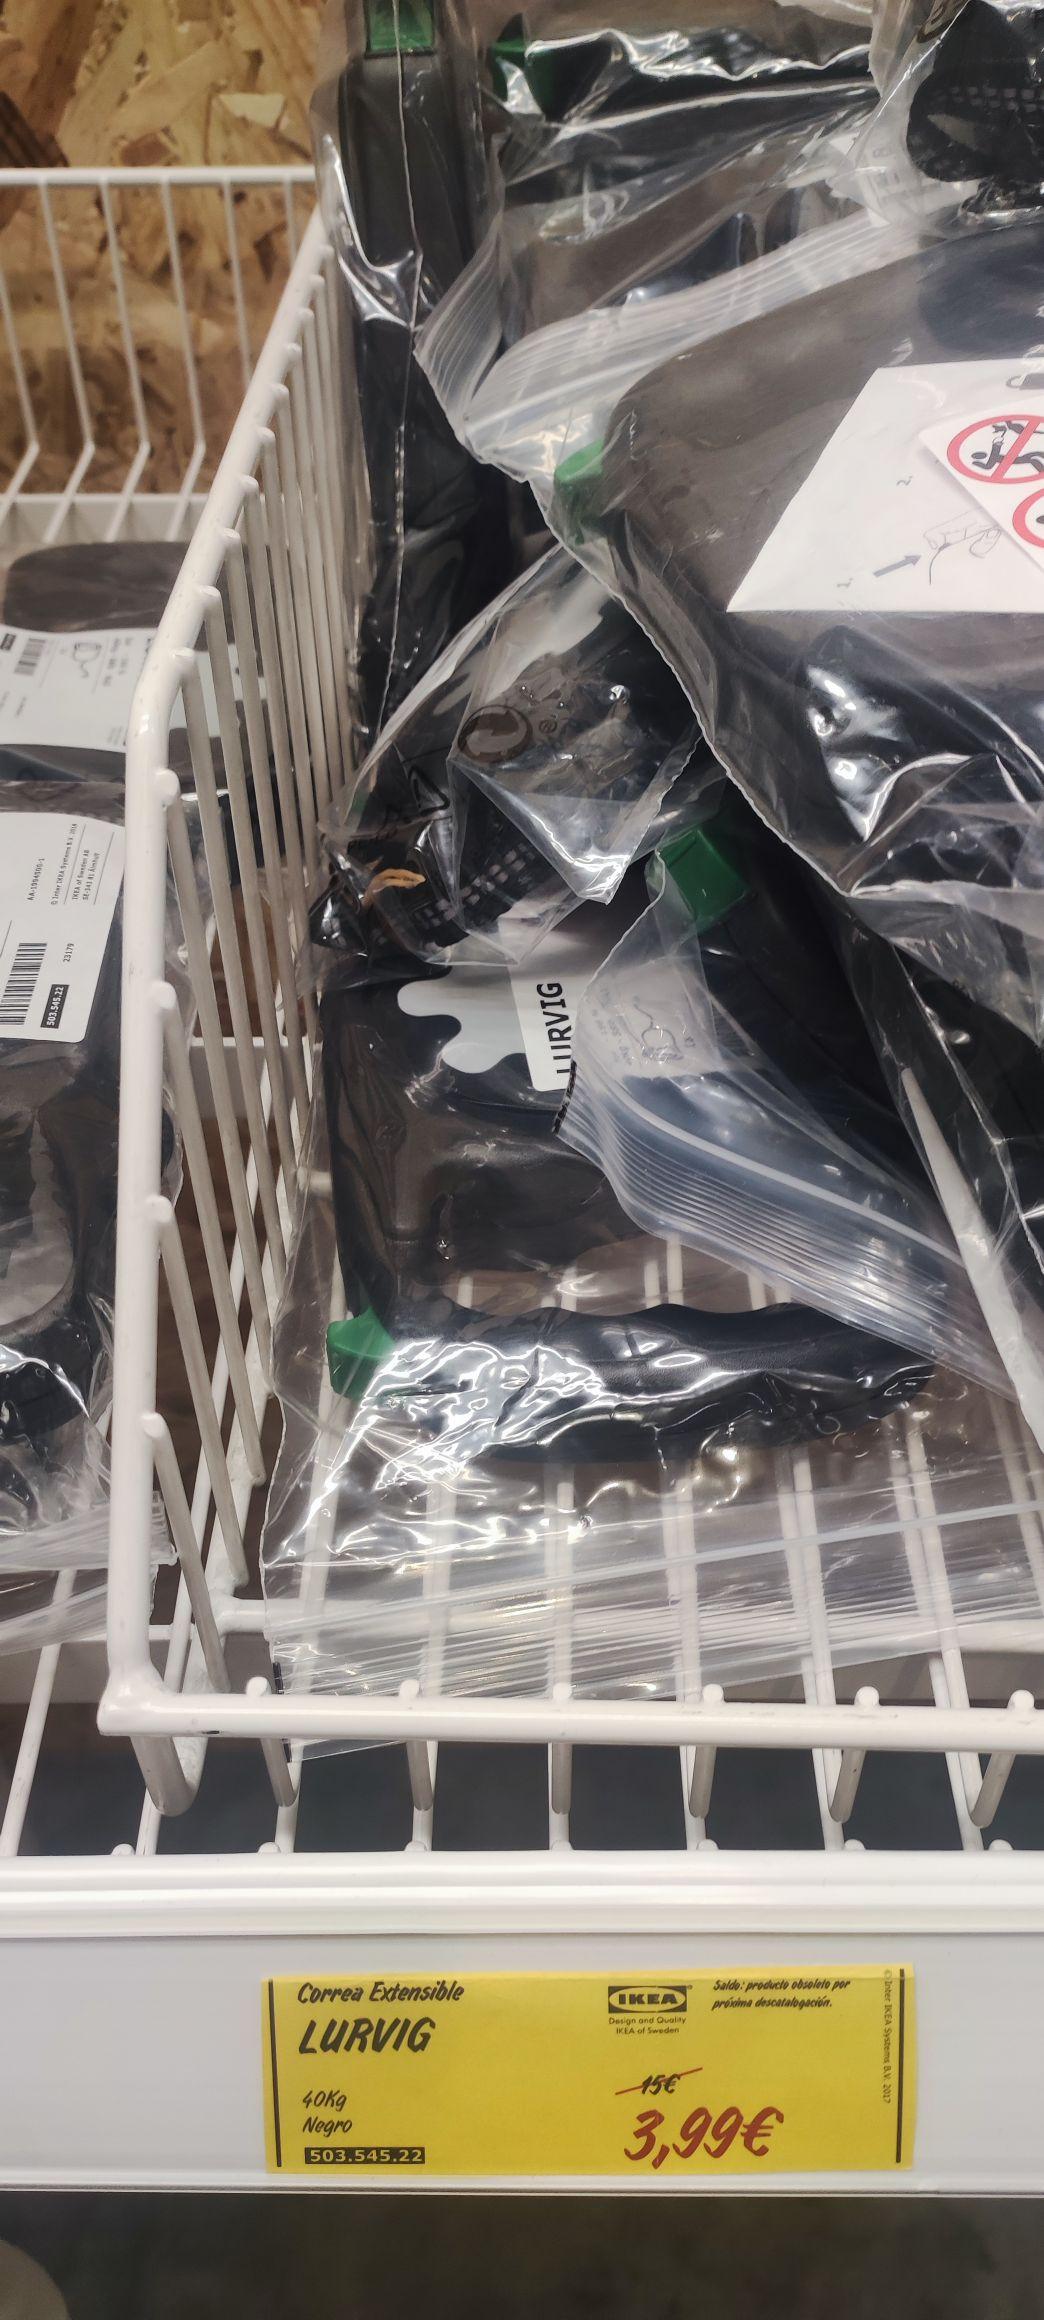 Correa Extensible Lurvig para Perro IKEA San Sebastián de los Reyes